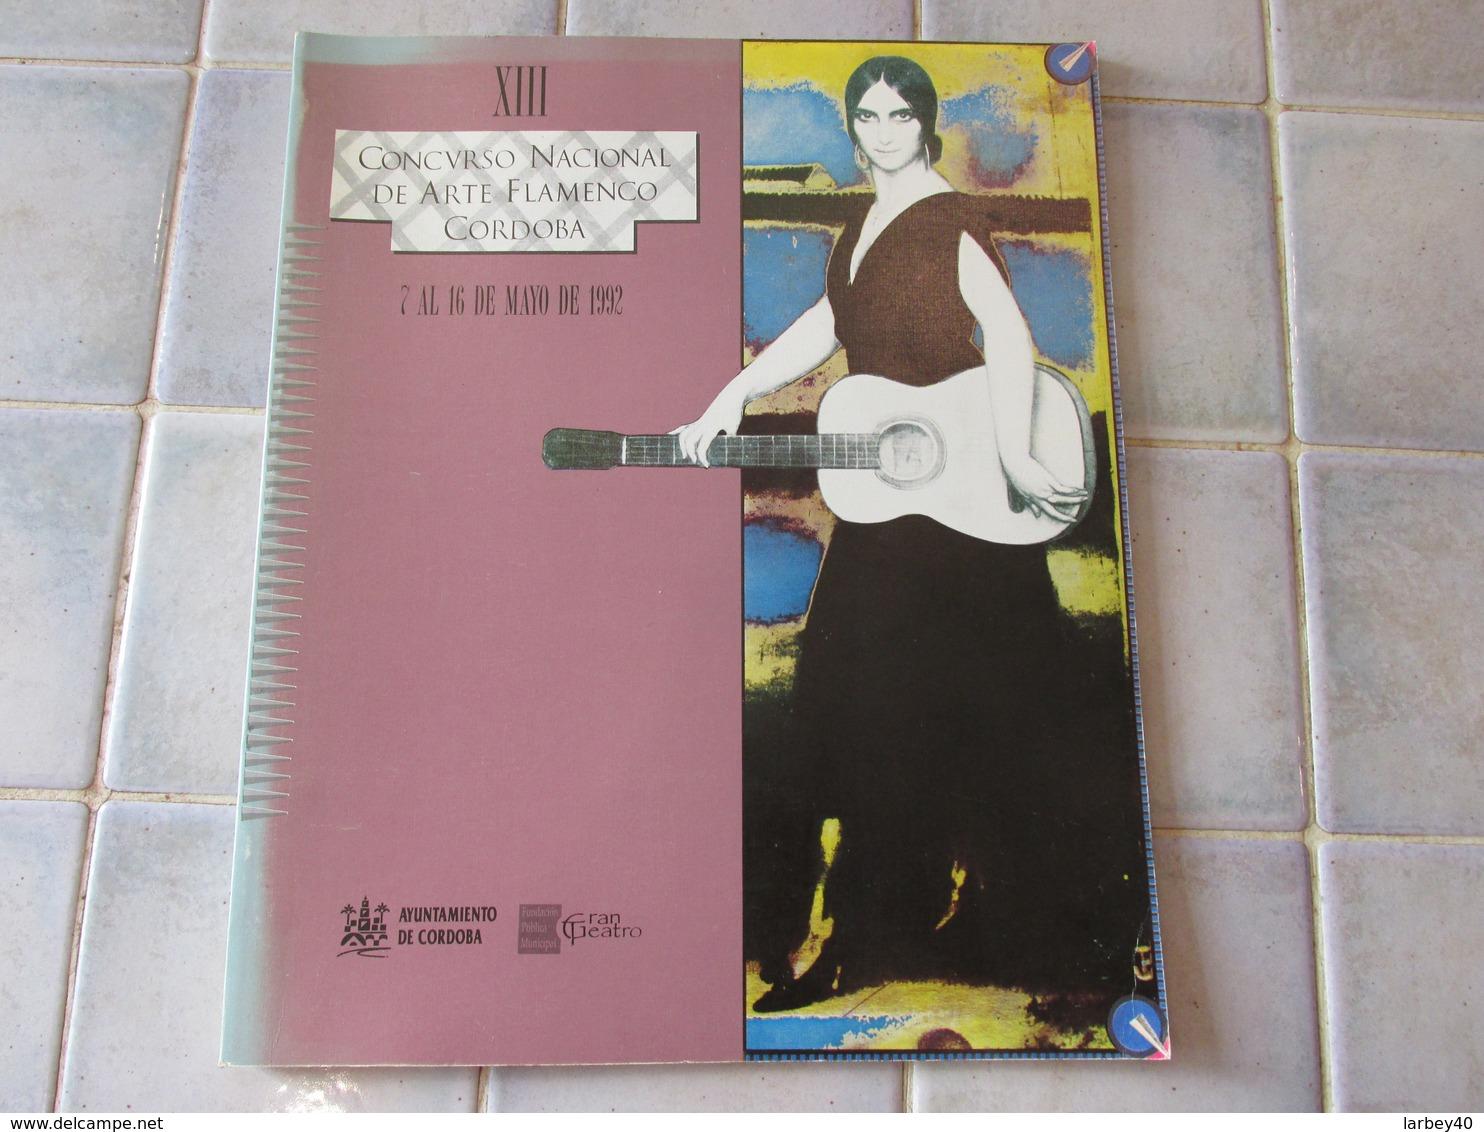 Concvrso Nacional De Arte Flamenco Cordoba 1992 - Kultur